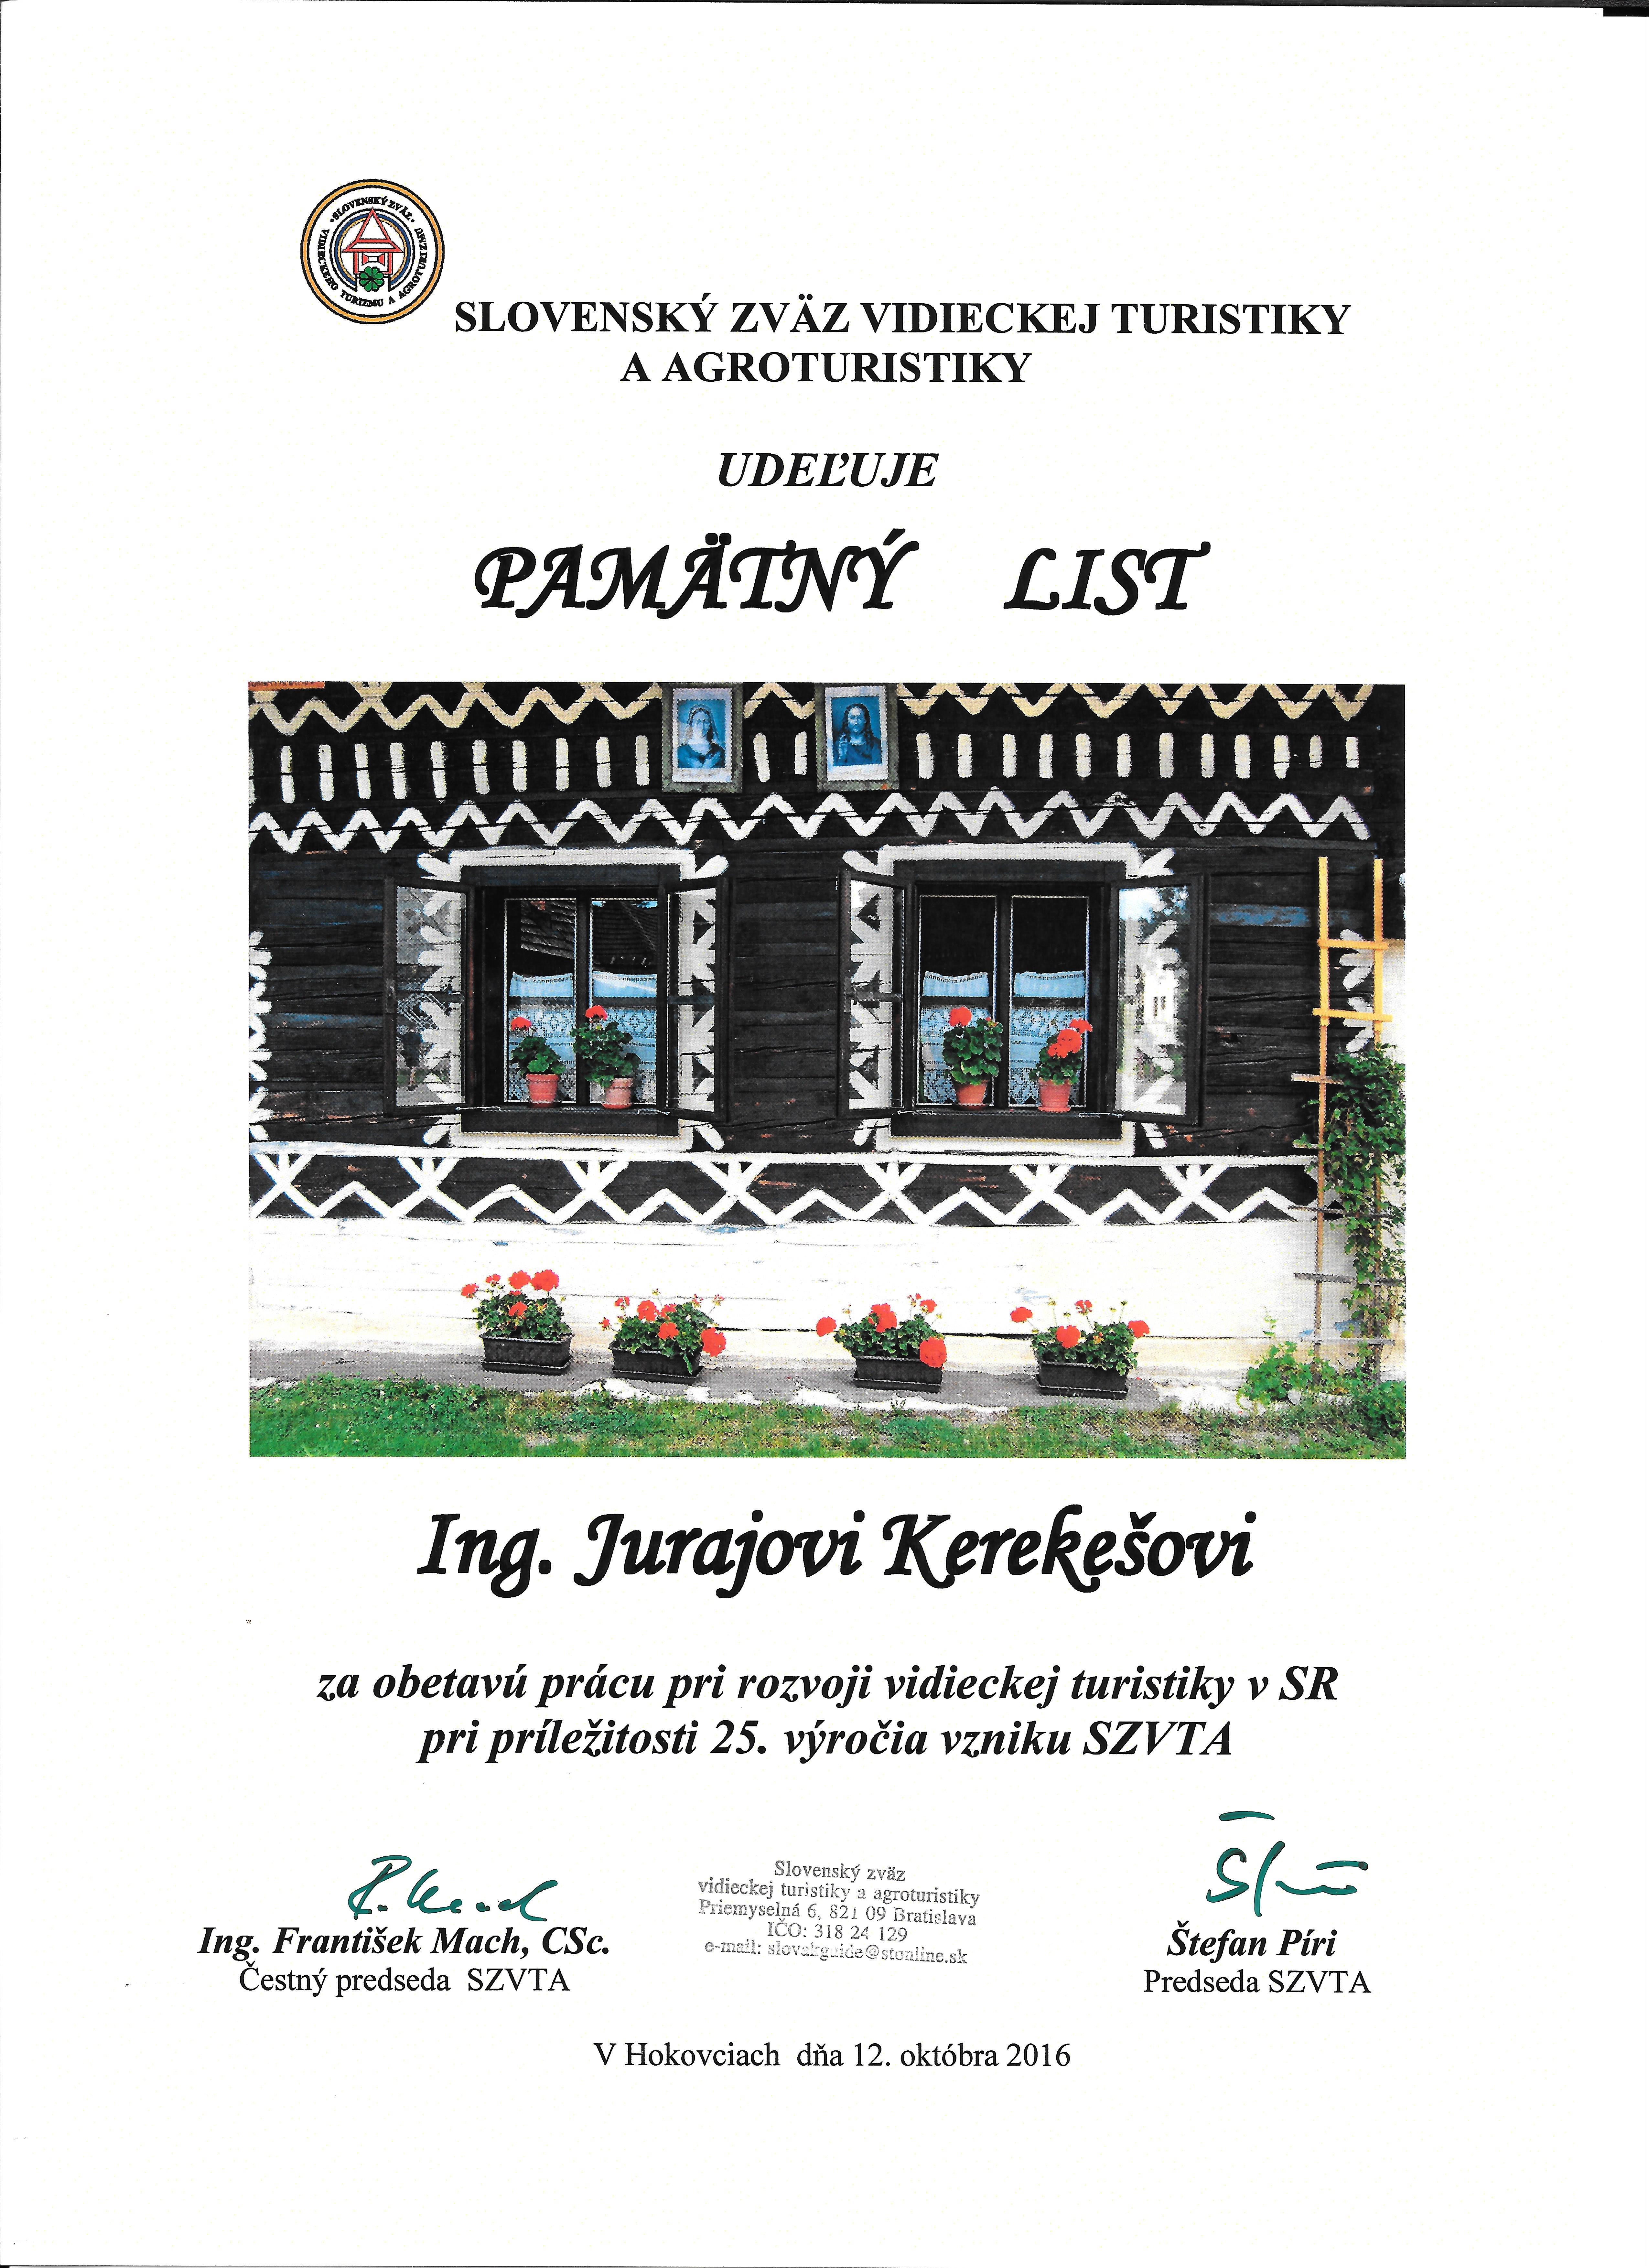 Pamatny-list-SZVTA-Kerekes